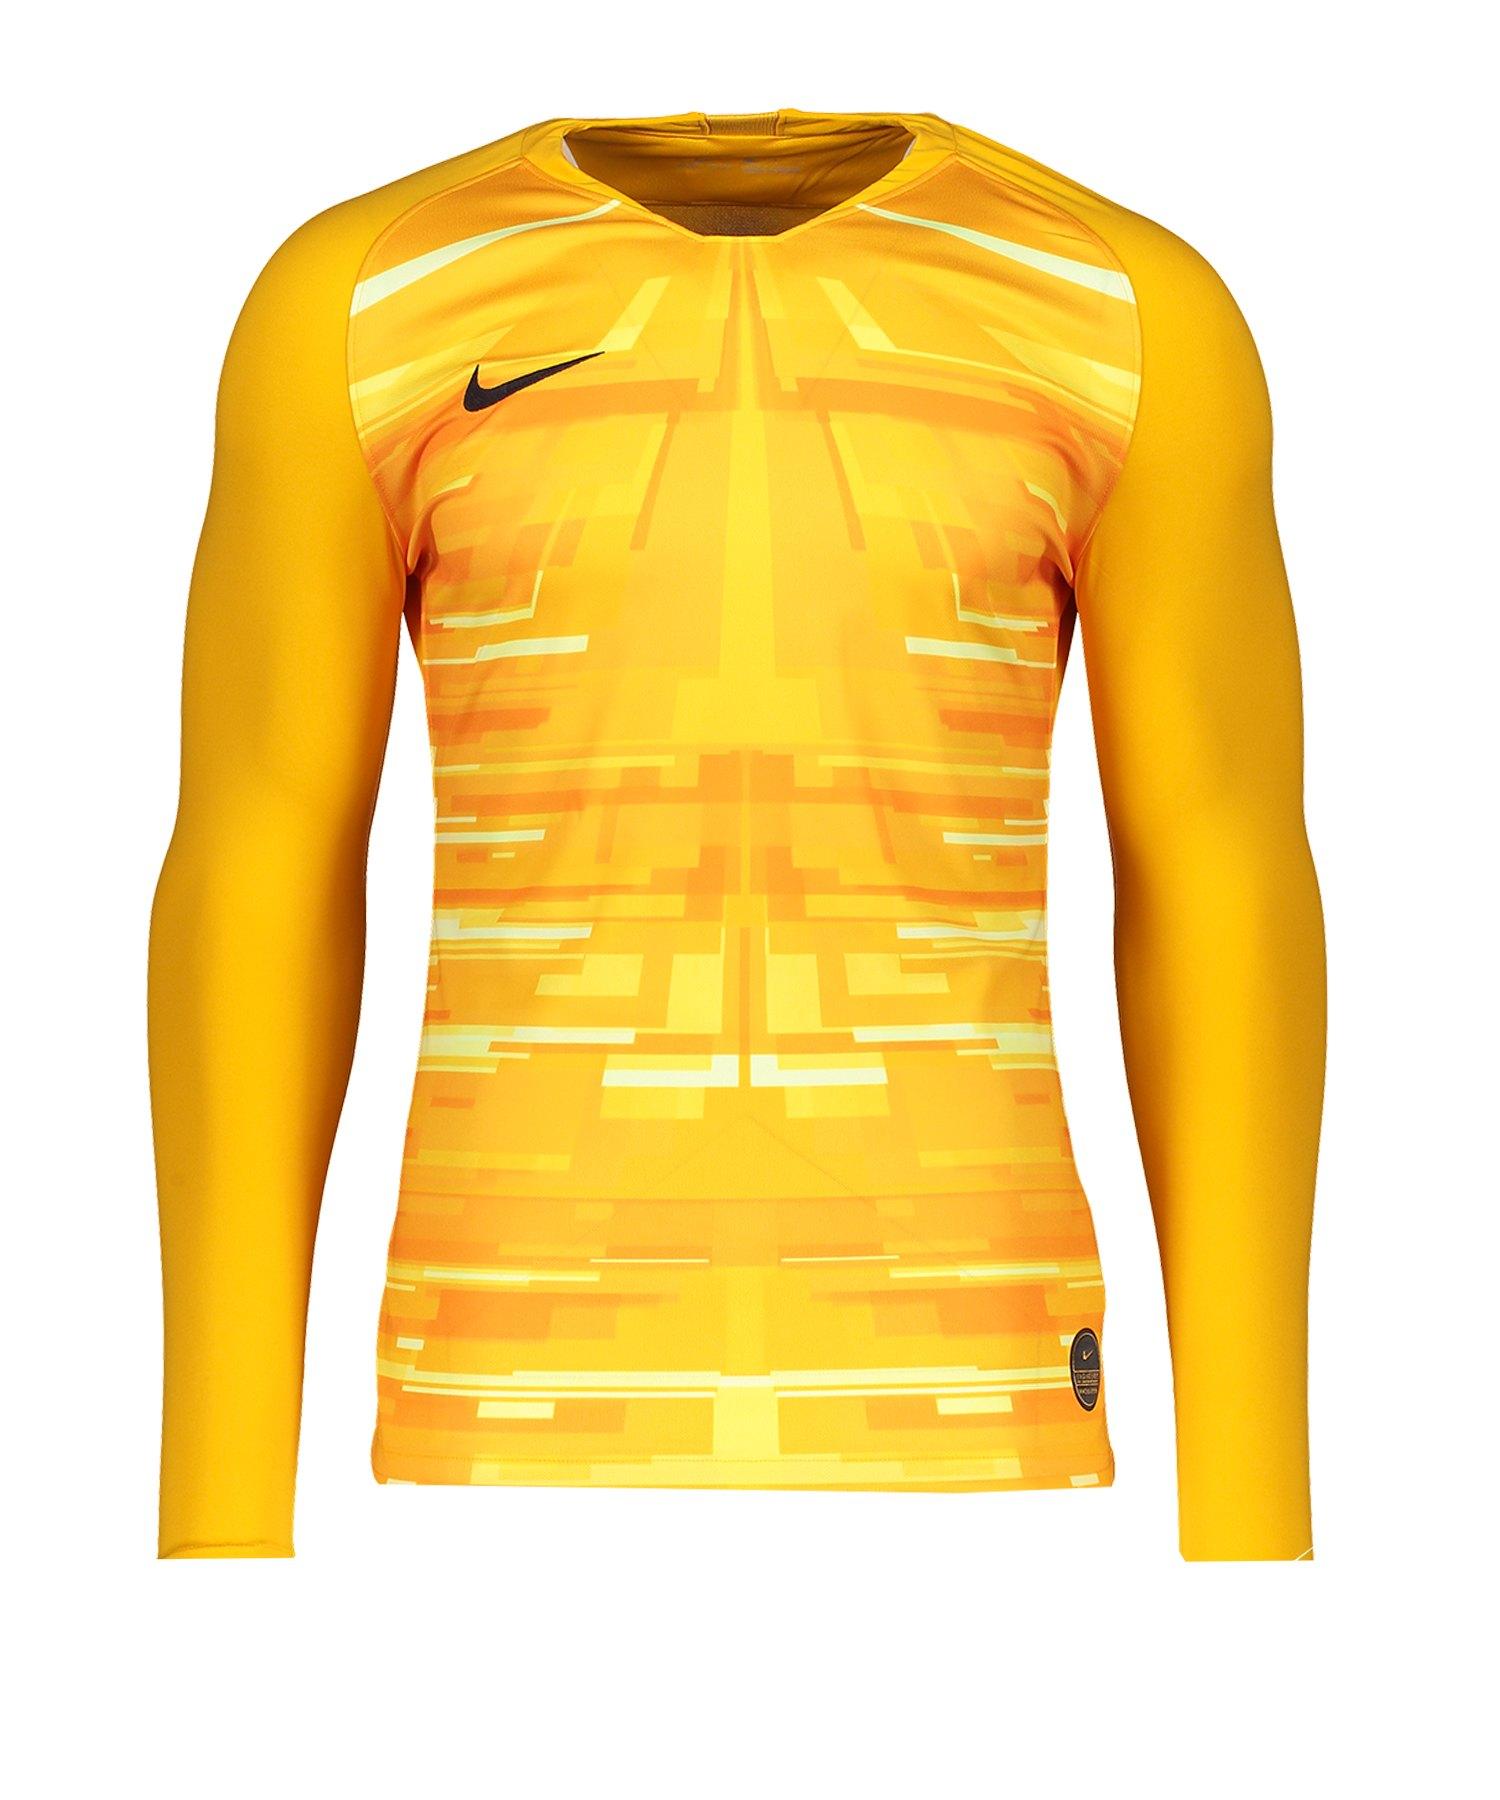 Nike Promo GK-Jersey LS Gelb Schwarz F739 - gelb